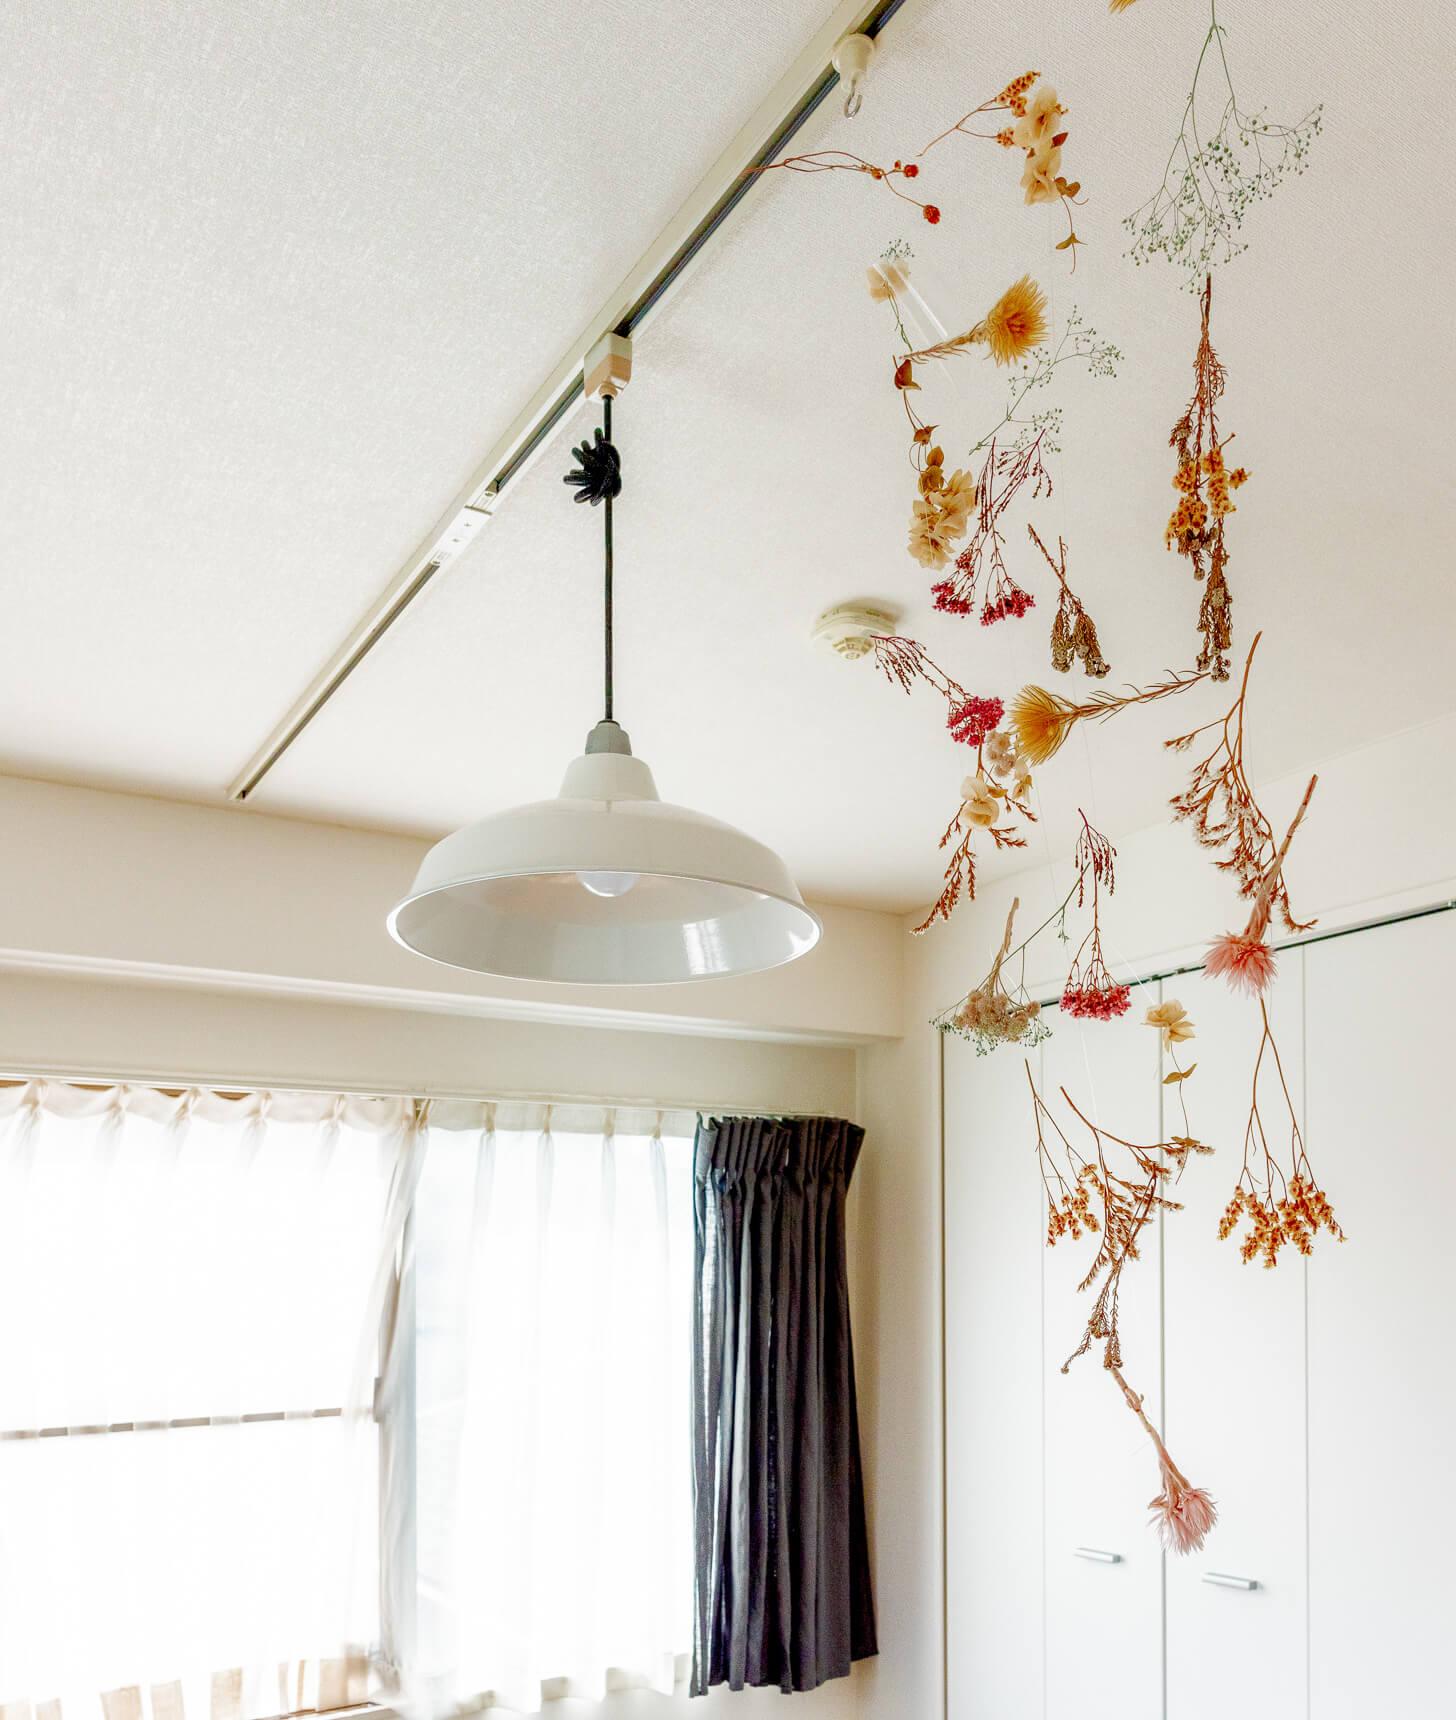 「モビールにすることを考えて、花屋さんにアレンジしてもらいました」という。すごく素敵。色が良い。